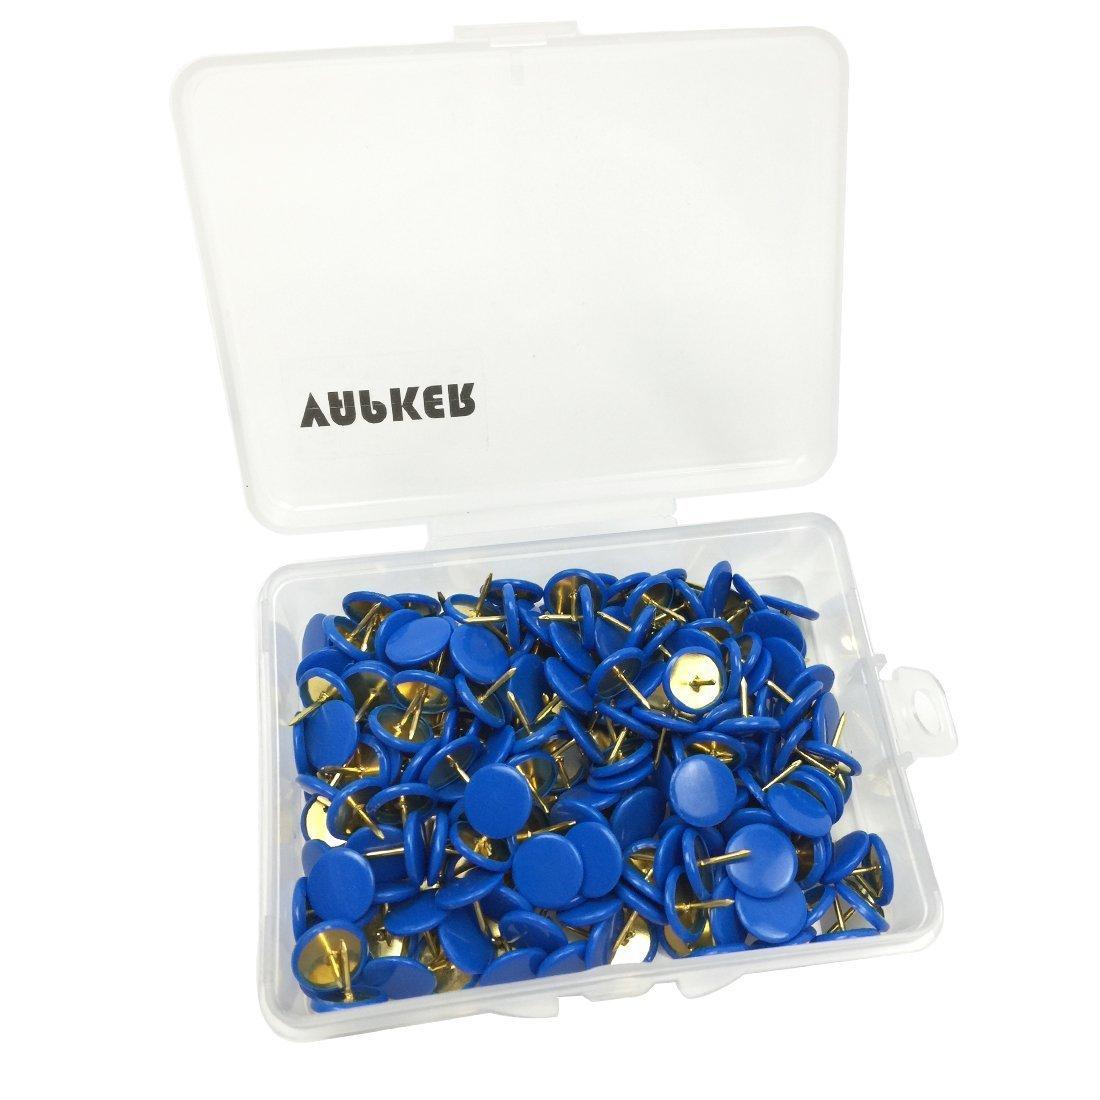 VAPKER 200 PCS Thumb Tacks Blue Plastic Round Head Thumbtacks